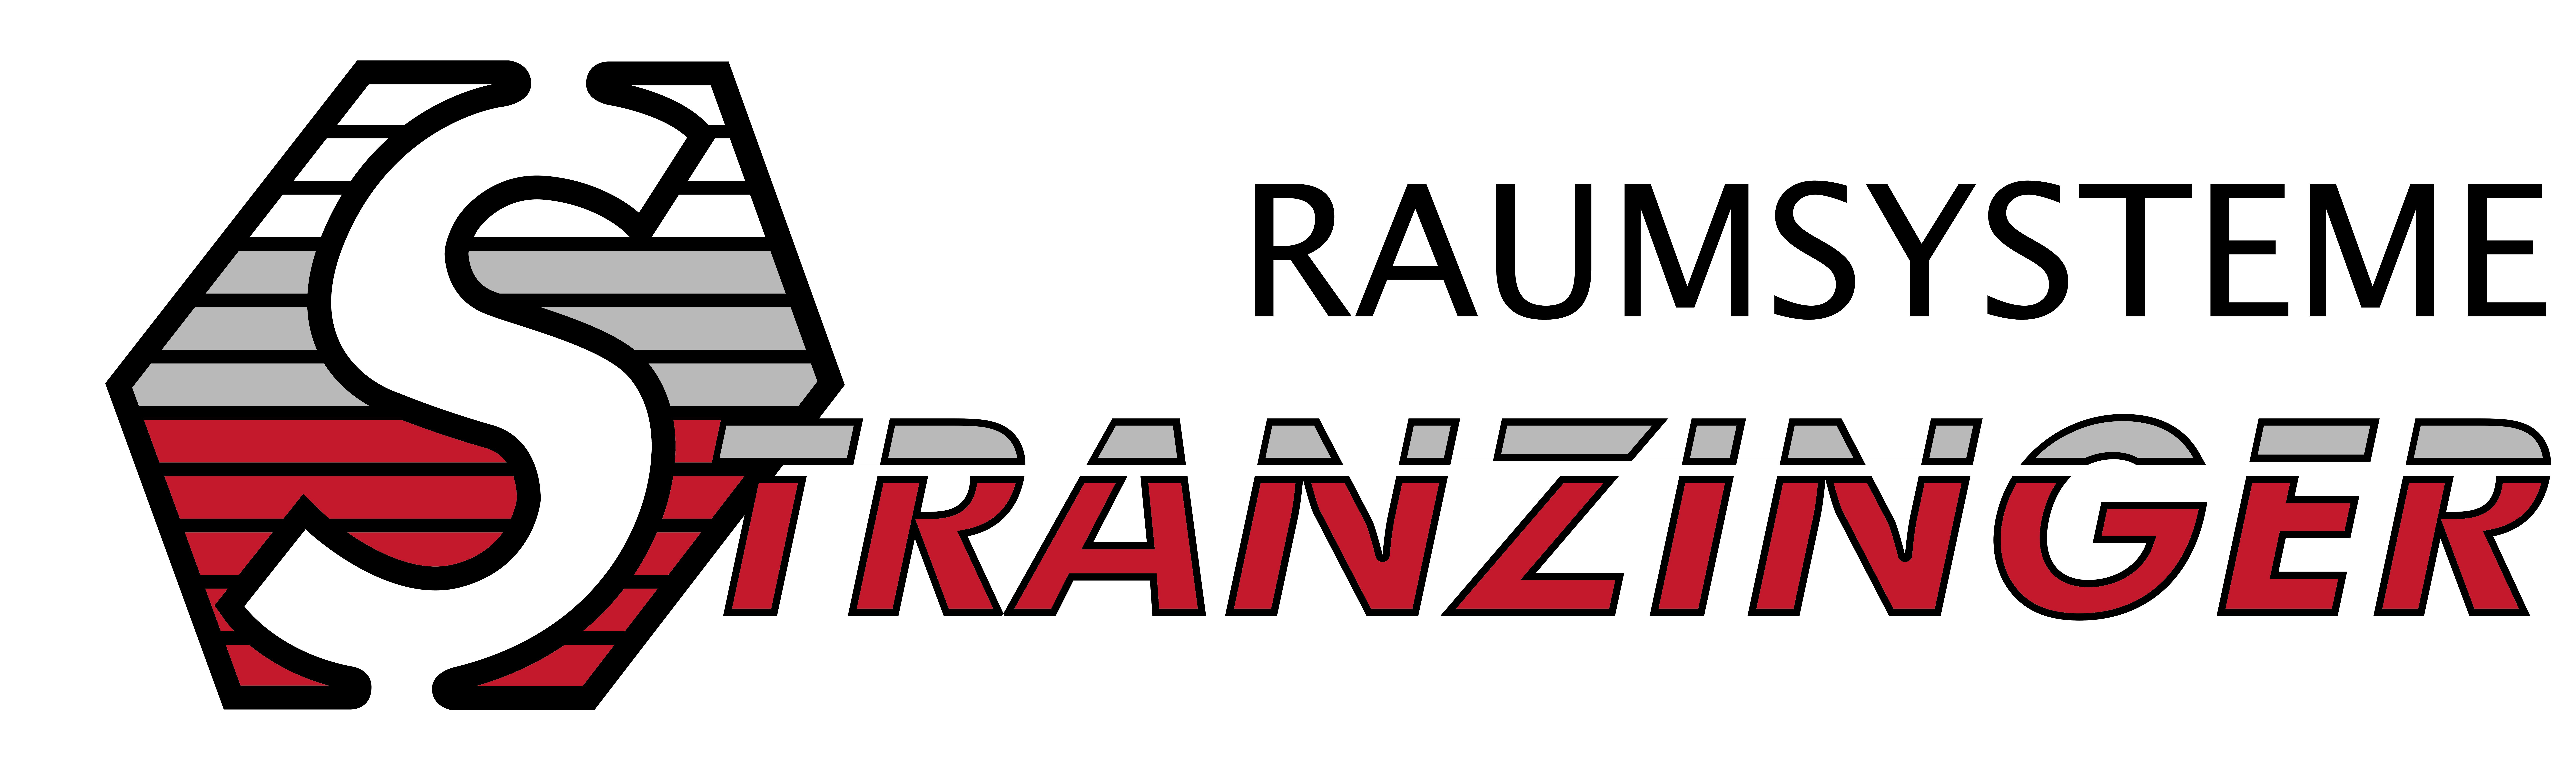 Raumsysteme Stranzinger - Raumsysteme aus Oberösterreich | Raumsysteme Stranzinger bietet maßgeschneiderte Antworten in der Herstellung von Raumsystemen, Stahlbühnen und Trennwände für anspruchsvolle Auftraggeber.